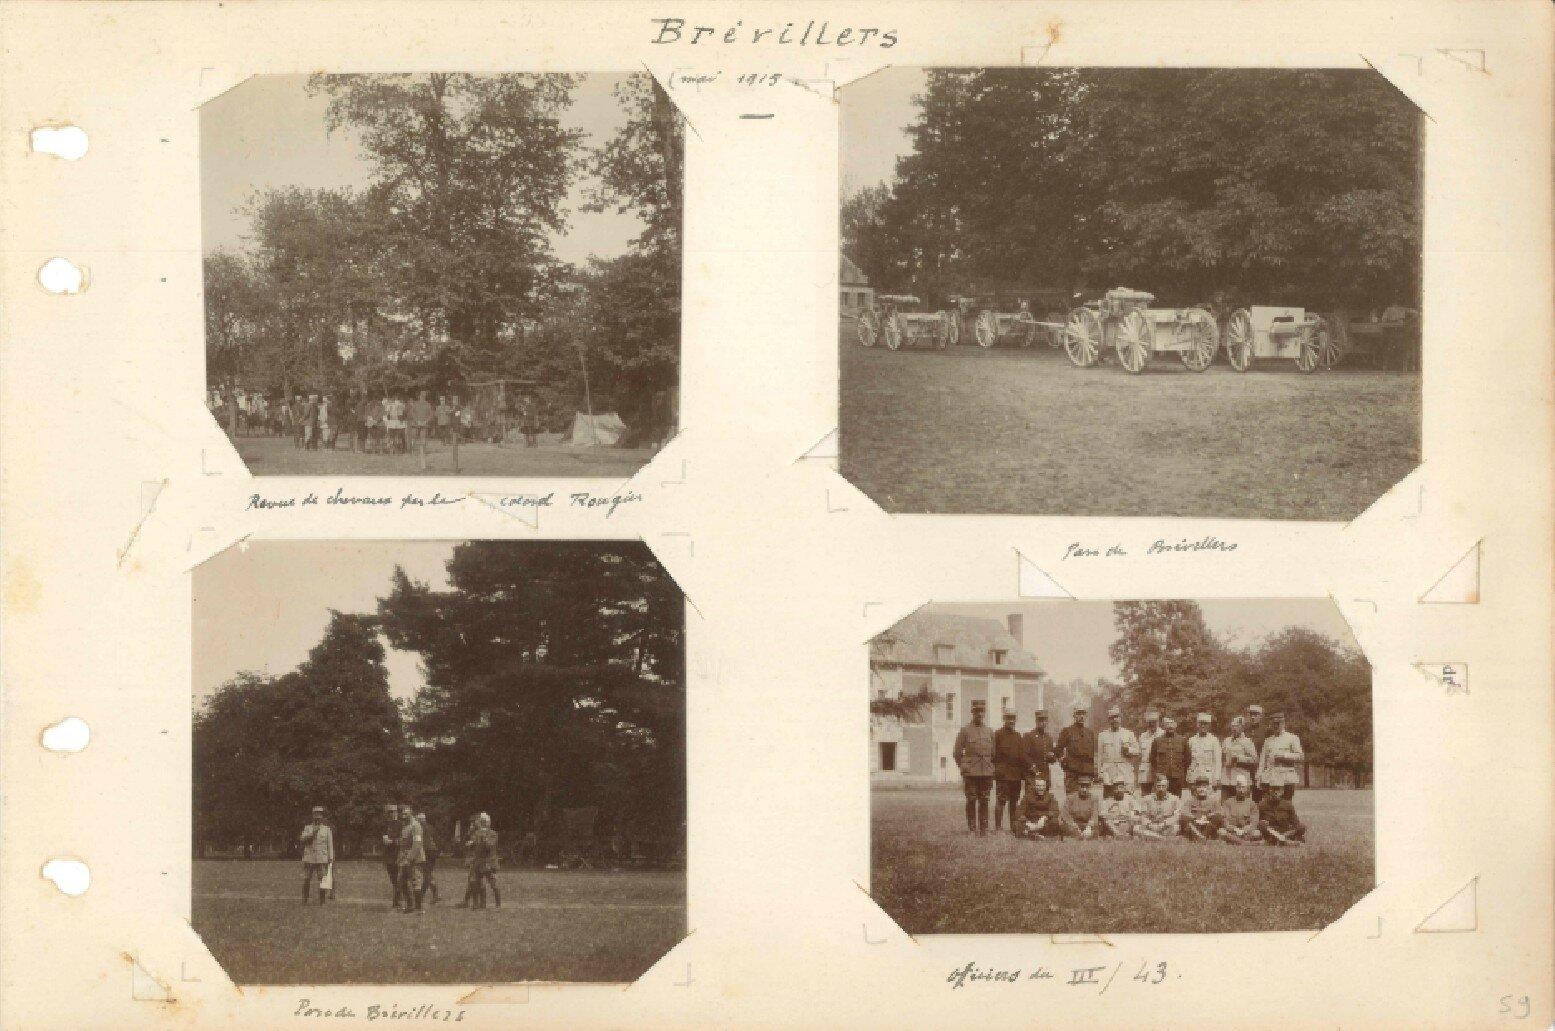 p.059 - Front d'Artois (23 mai – 25 octobre 1915)